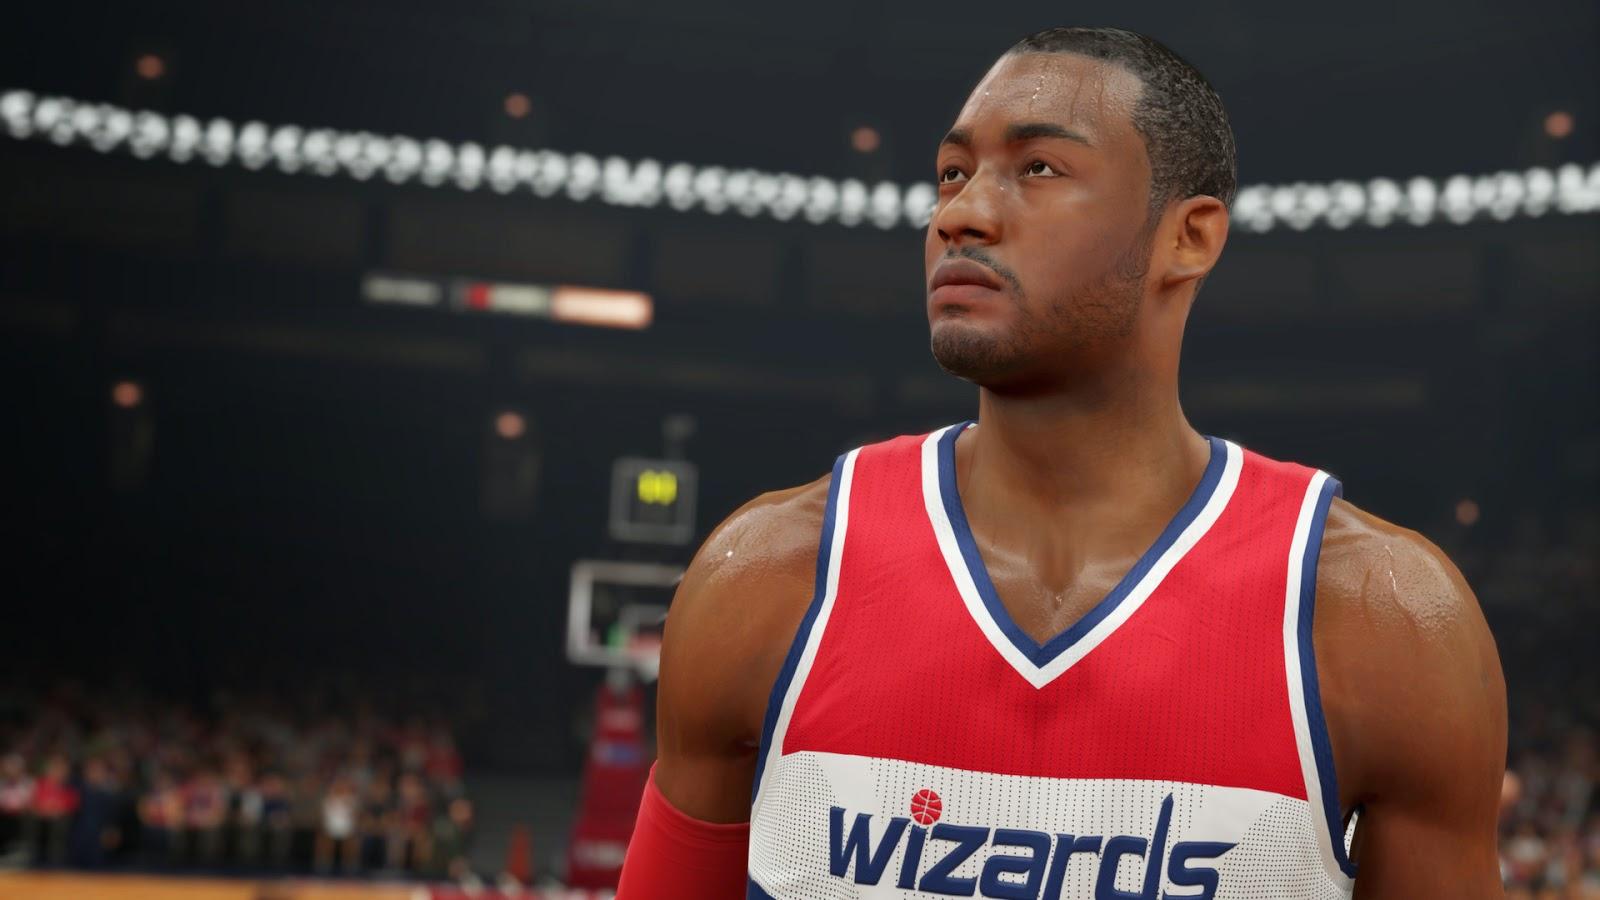 NBA 2K15 release